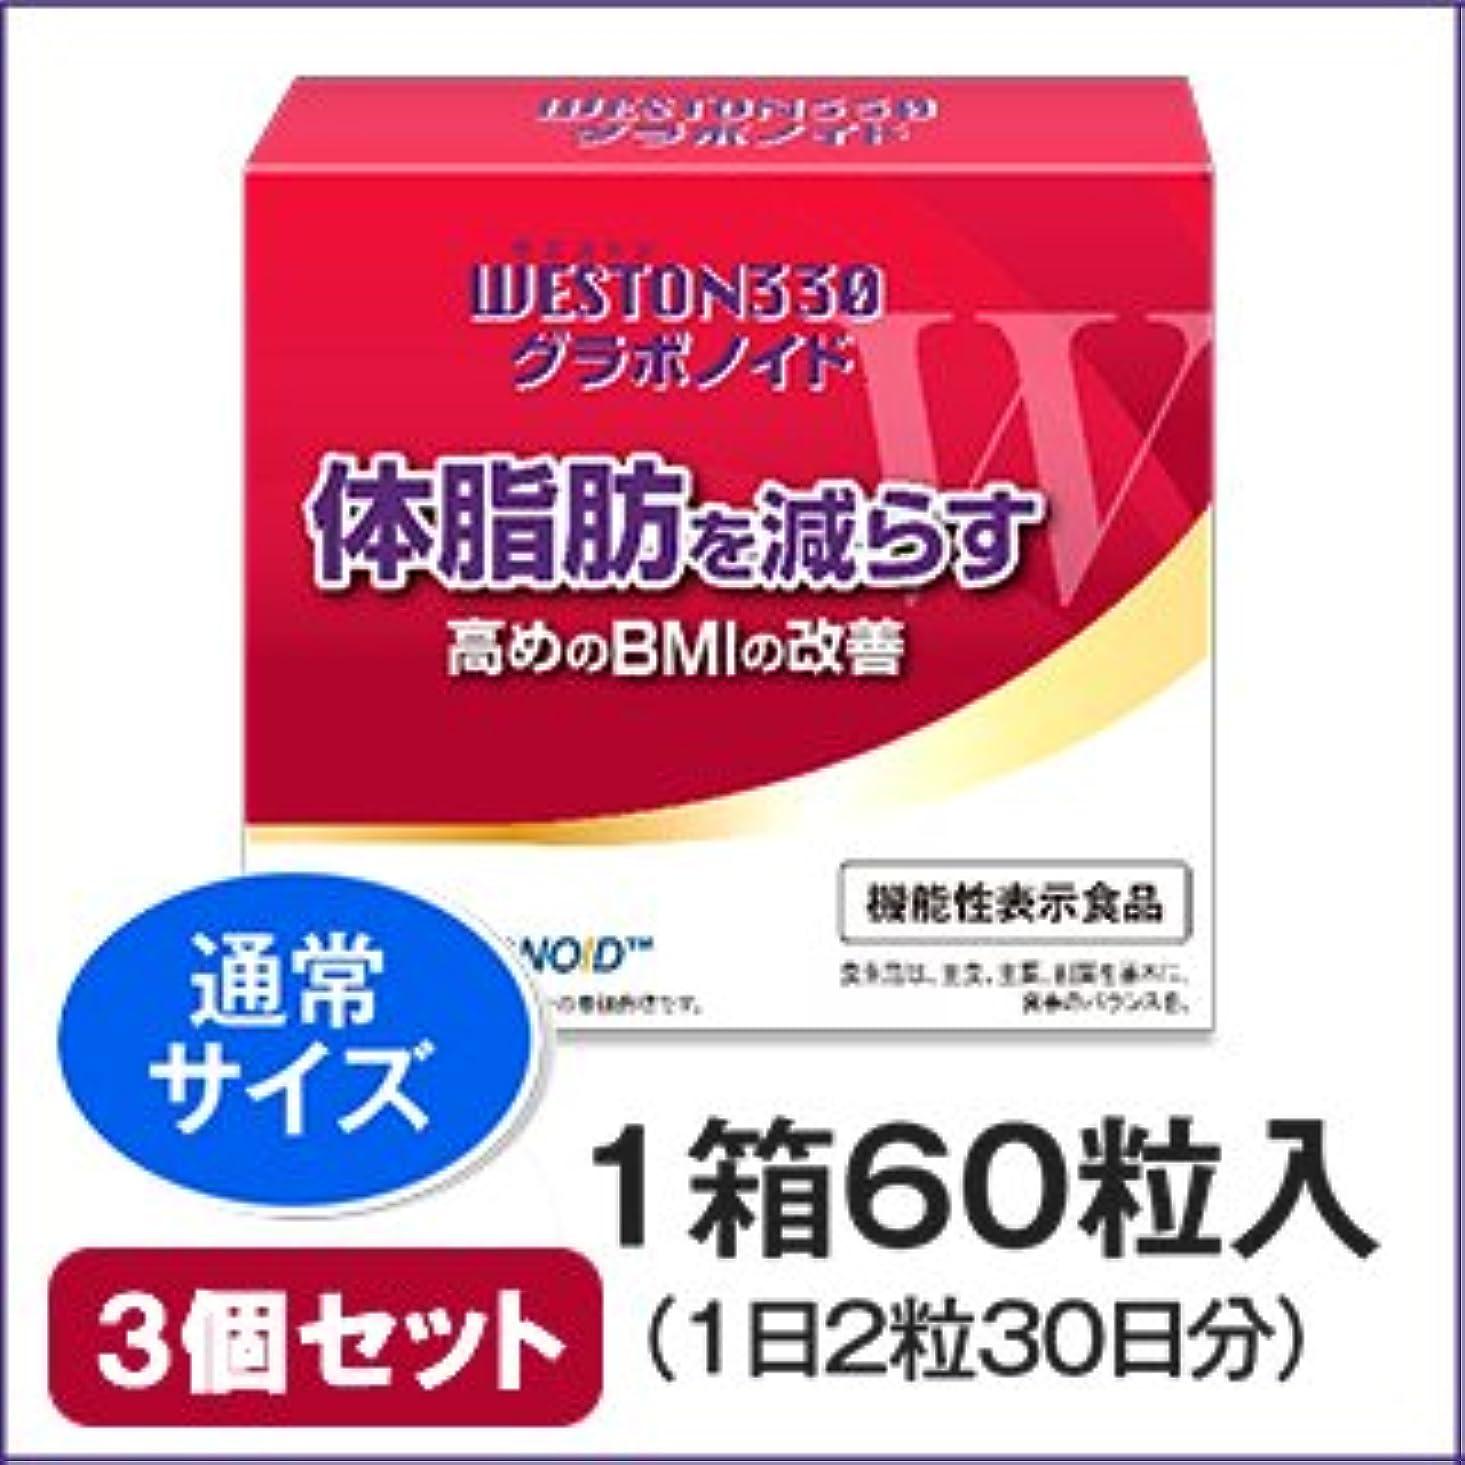 陰気時折くすぐったいウエストン330グラボノイド(30日分 1箱60粒入り)×3個セット